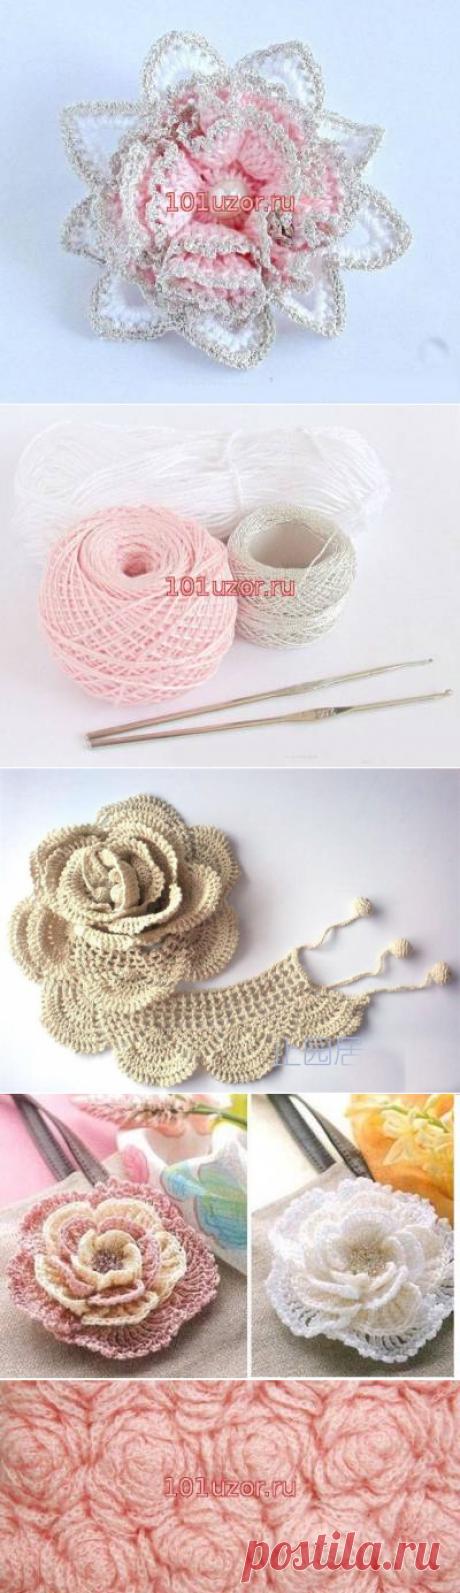 Вязание объемных цветов крючком - Модное вязание - Схемы вязания крючком и спицами - Вязание